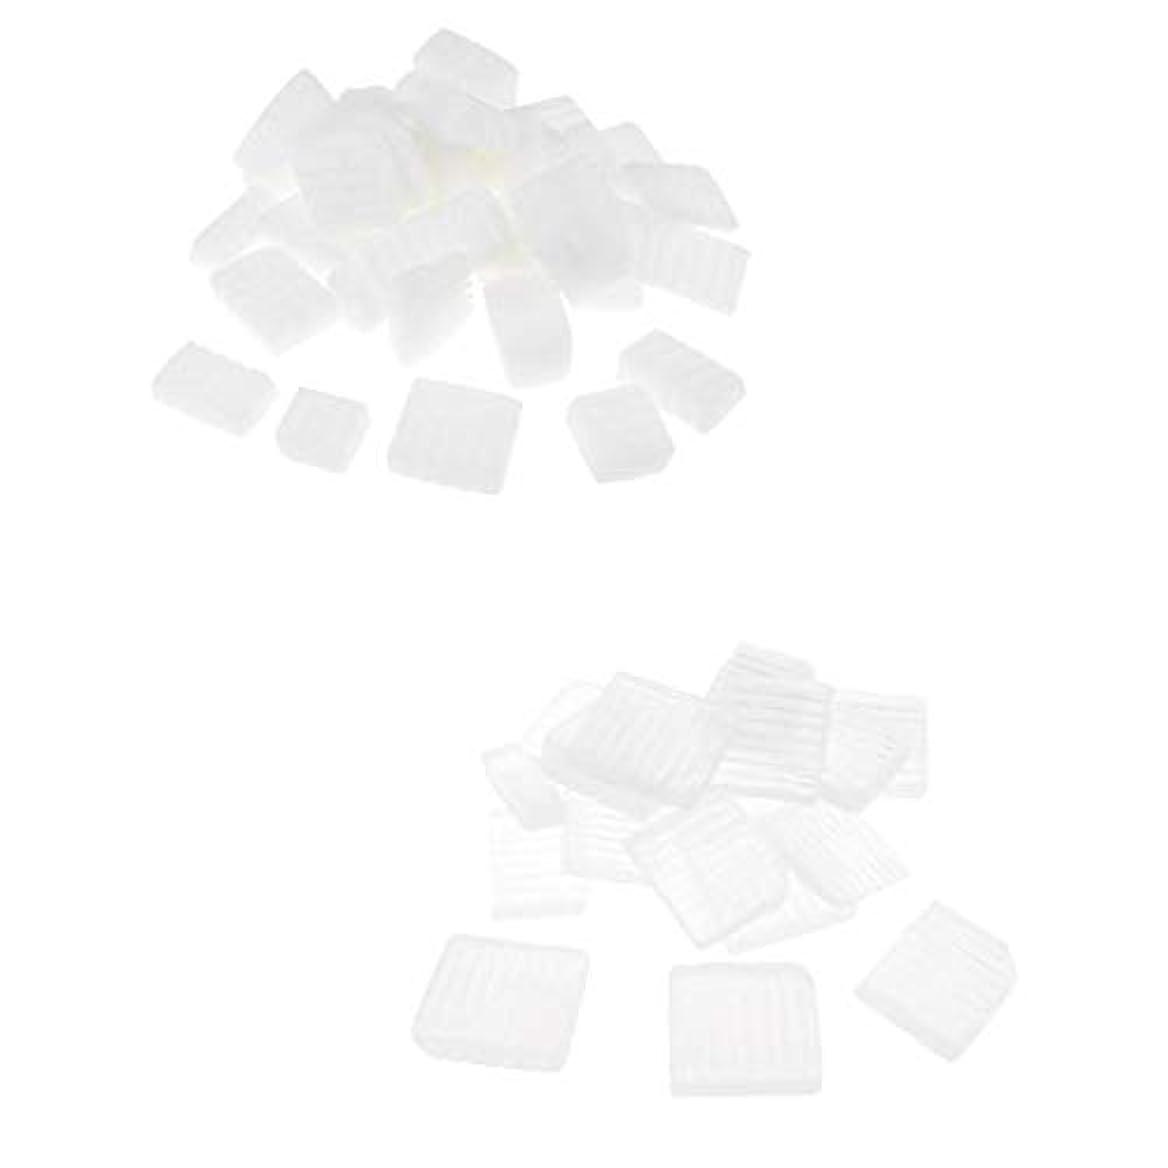 知性アサーオフセットPerfeclan 固形せっけん ホワイト透明 手芸 バス用品 手作り ハンドメイド 石鹸製造 安全健康 2種混合